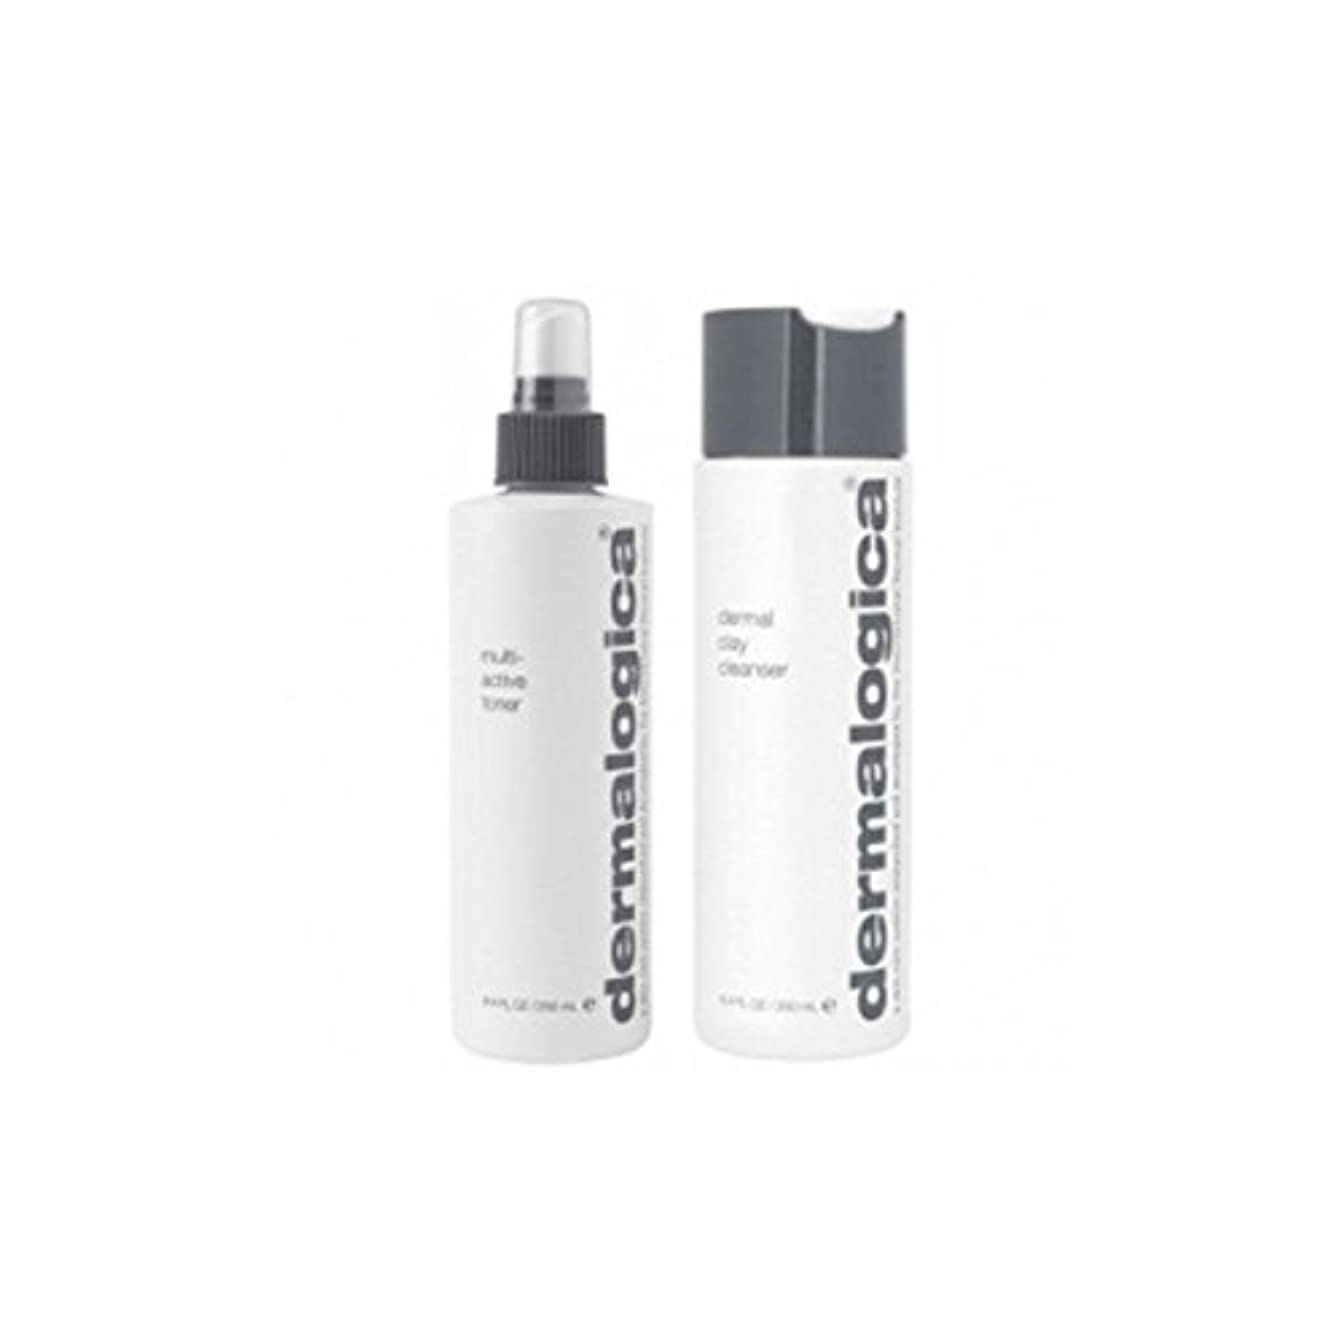 つかまえる突然アダルトダーマロジカクレンジング&トーンデュオ - 脂性肌(2製品) x4 - Dermalogica Cleanse & Tone Duo - Oily Skin (2 Products) (Pack of 4) [並行輸入品]